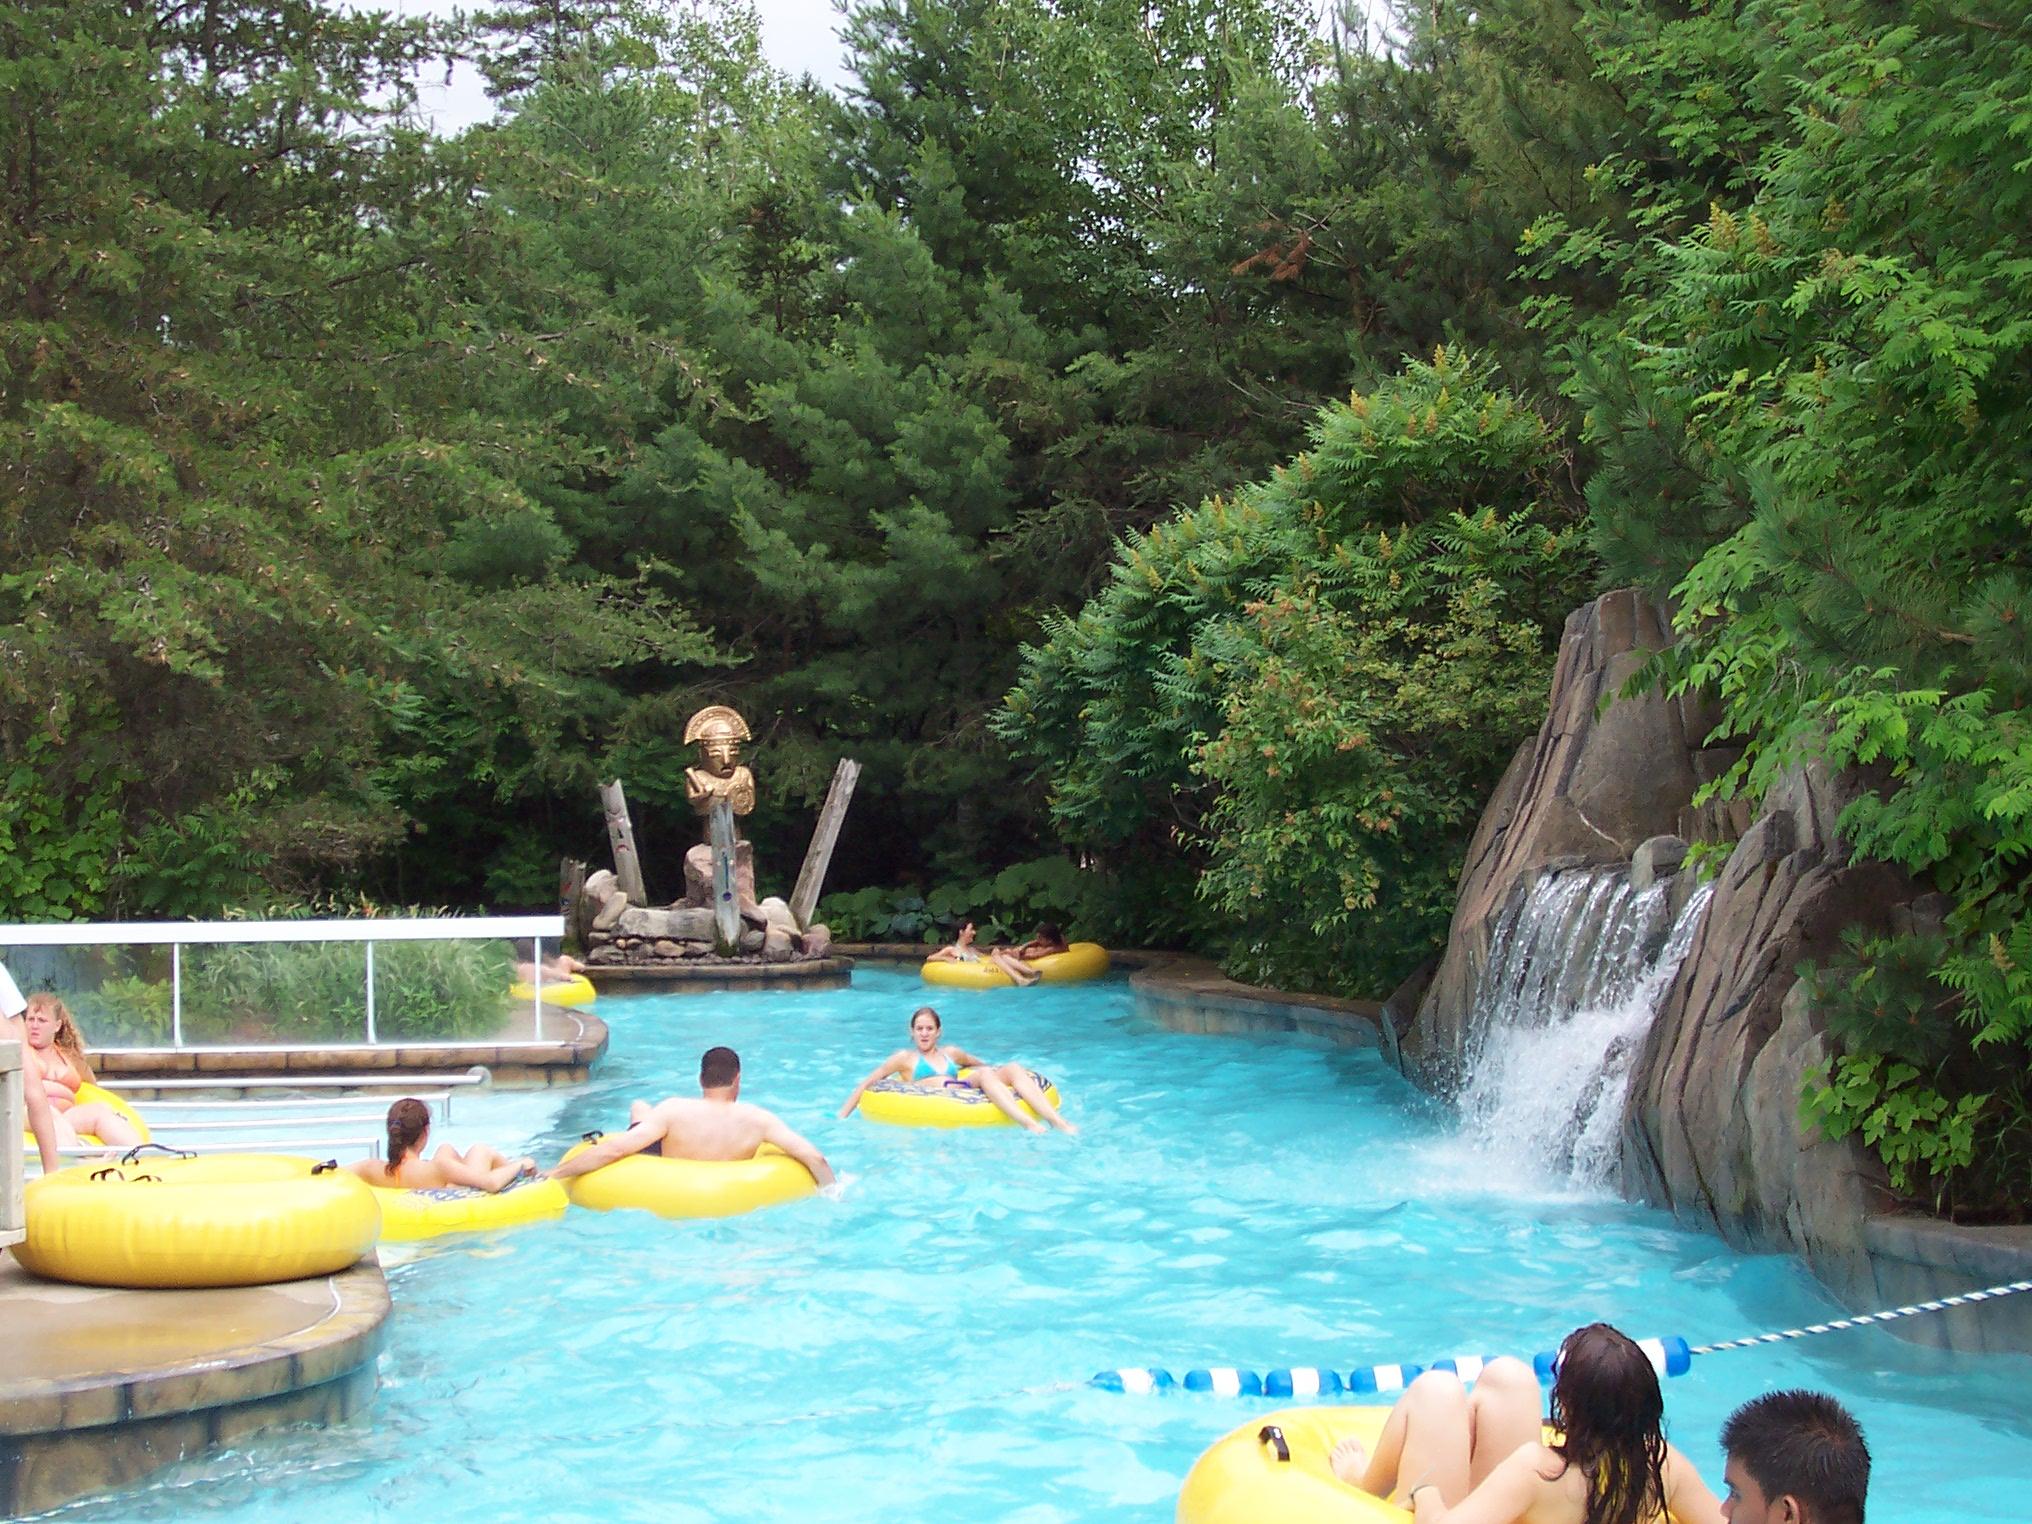 Village vacances valcartier - Village vacances auvergne piscine ...